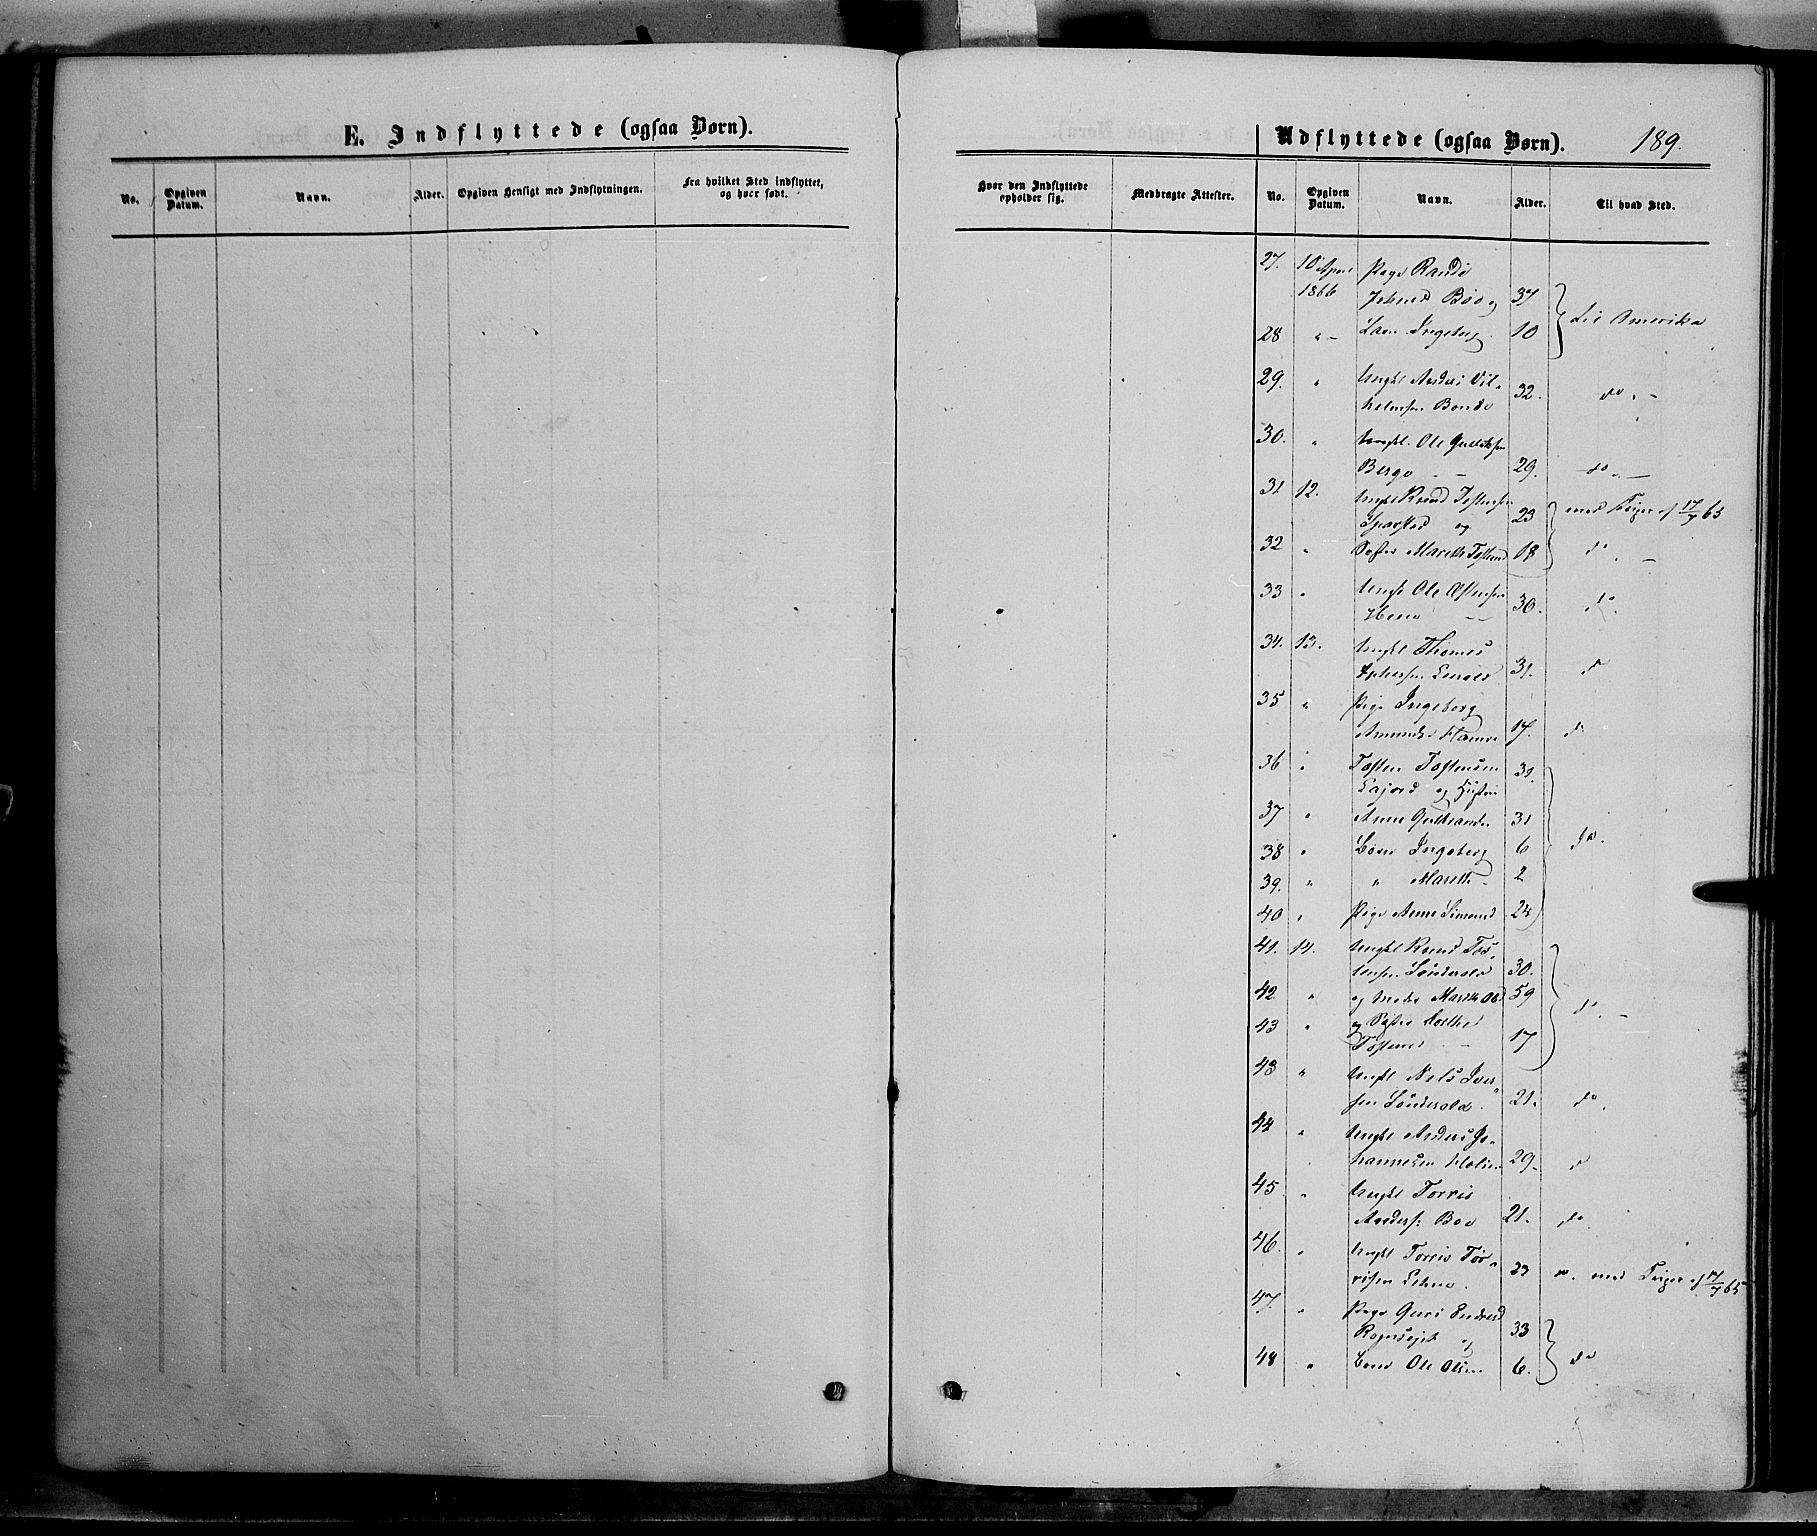 SAH, Vang prestekontor, Valdres, Ministerialbok nr. 7, 1865-1881, s. 189